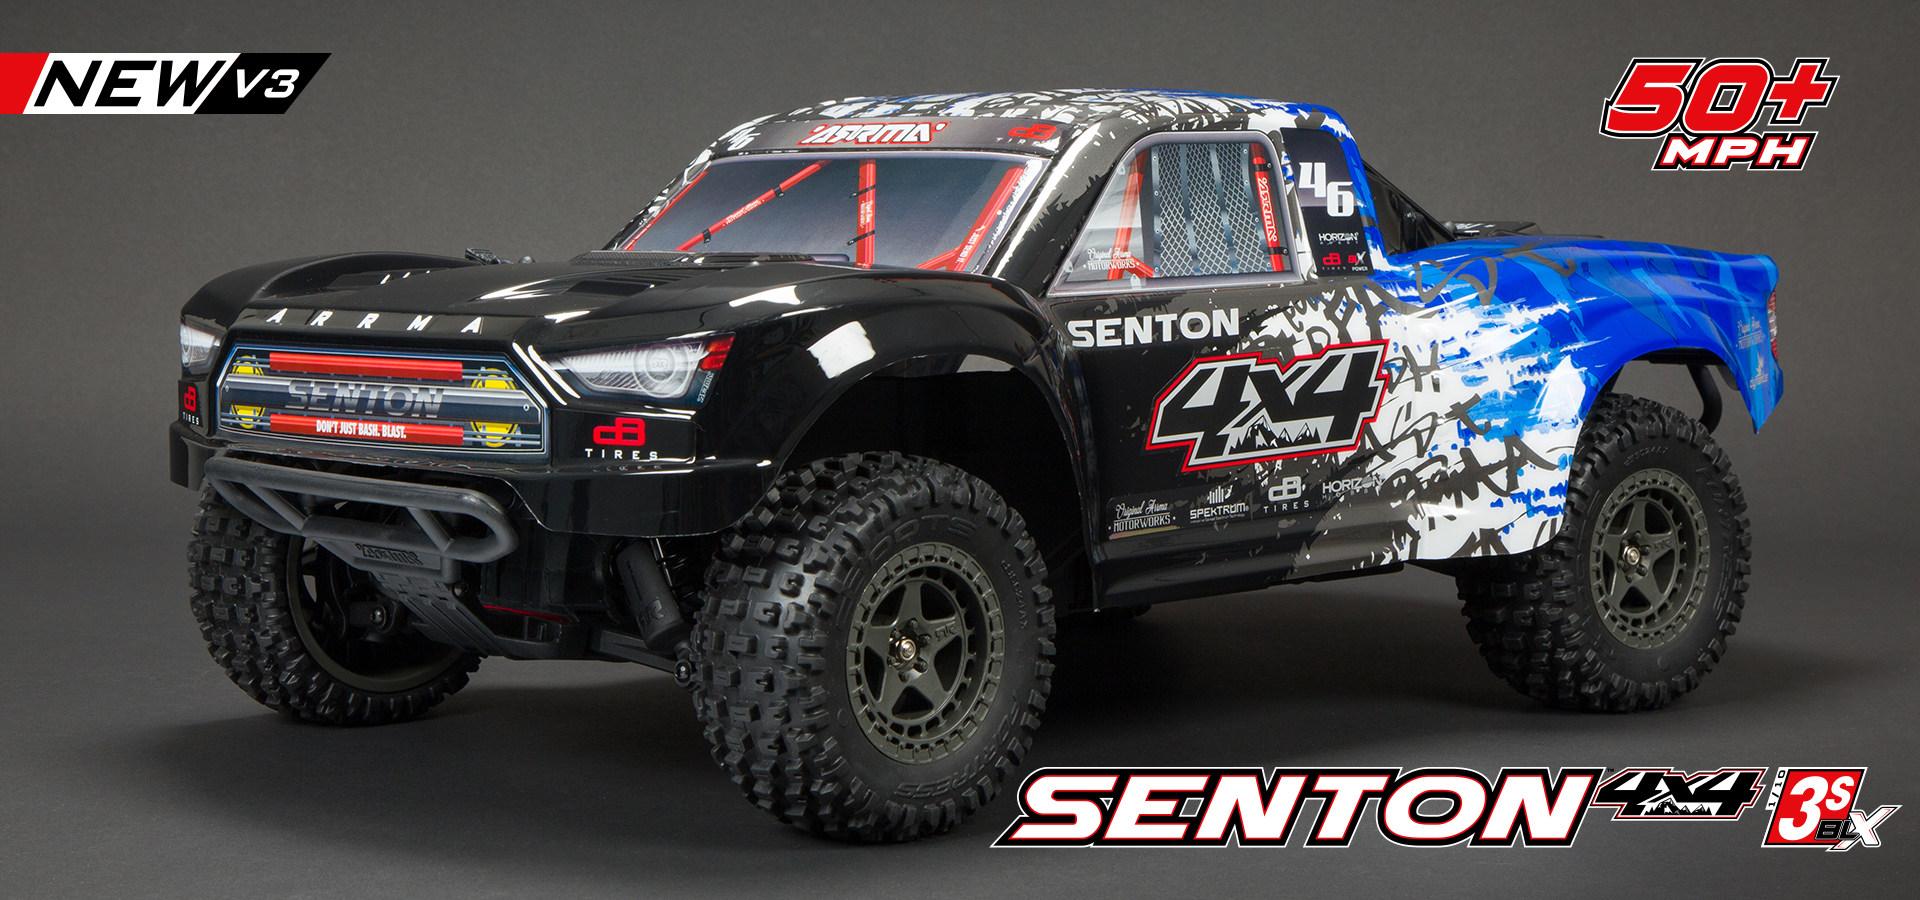 Arrma Senton 3S BLX 1:10 4WD RTR